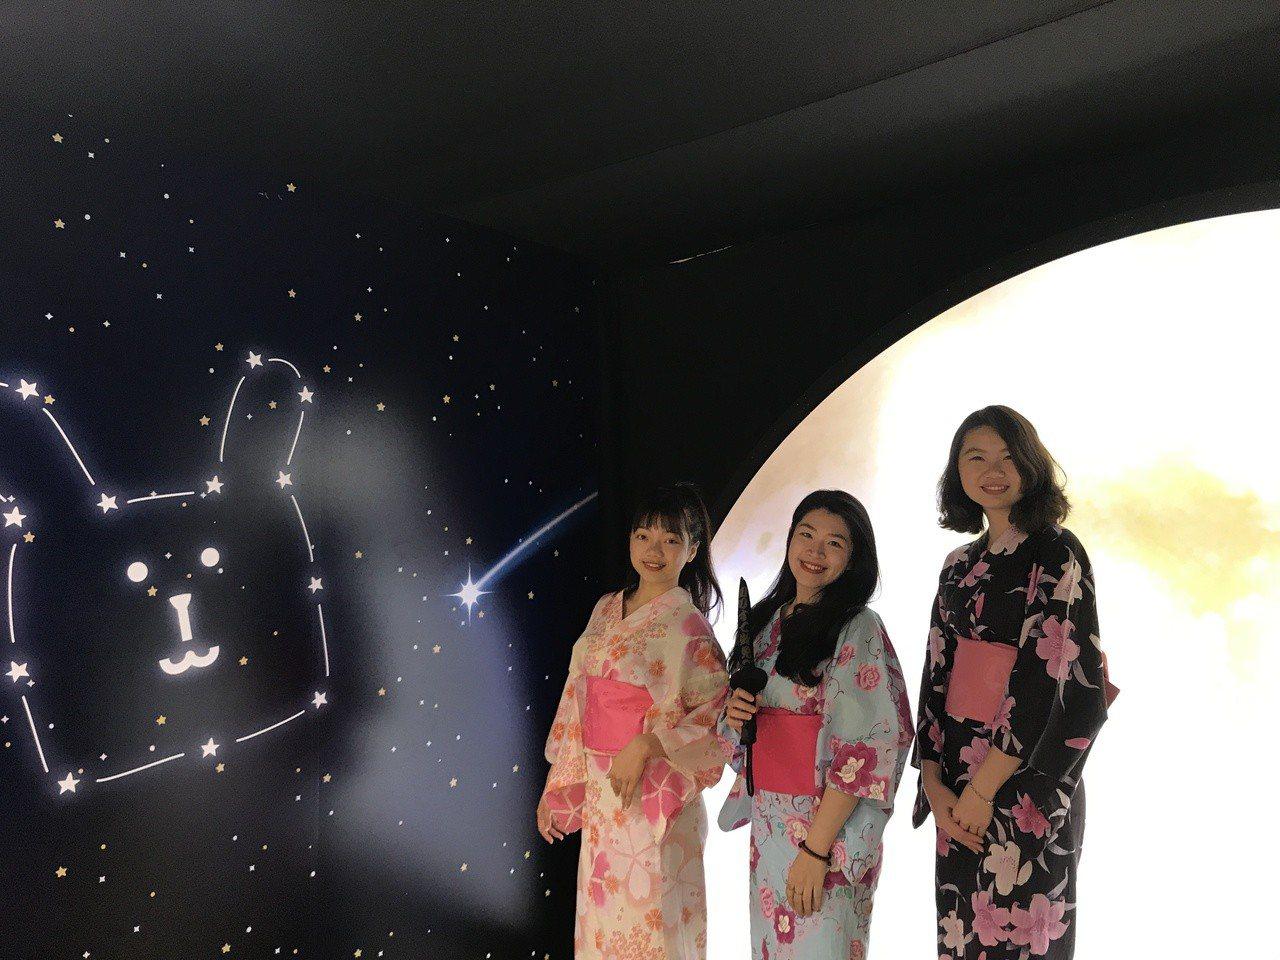 《宇宙人ㄕㄓㄋ特展》巨型月球剪影。記者江佩君/攝影